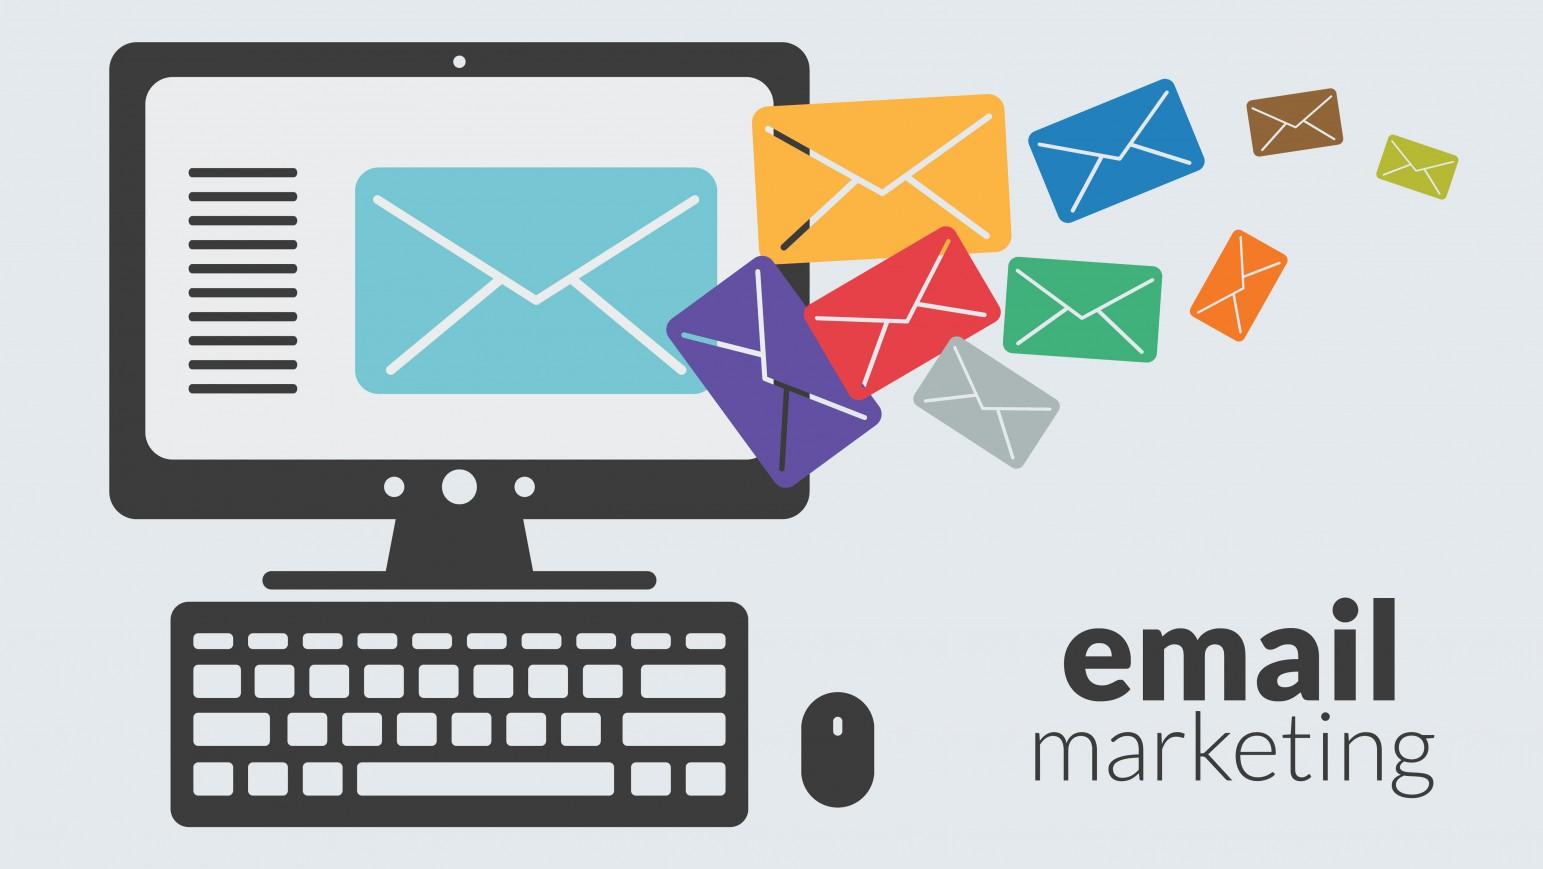 emailmarketing.jpg (1543×869)